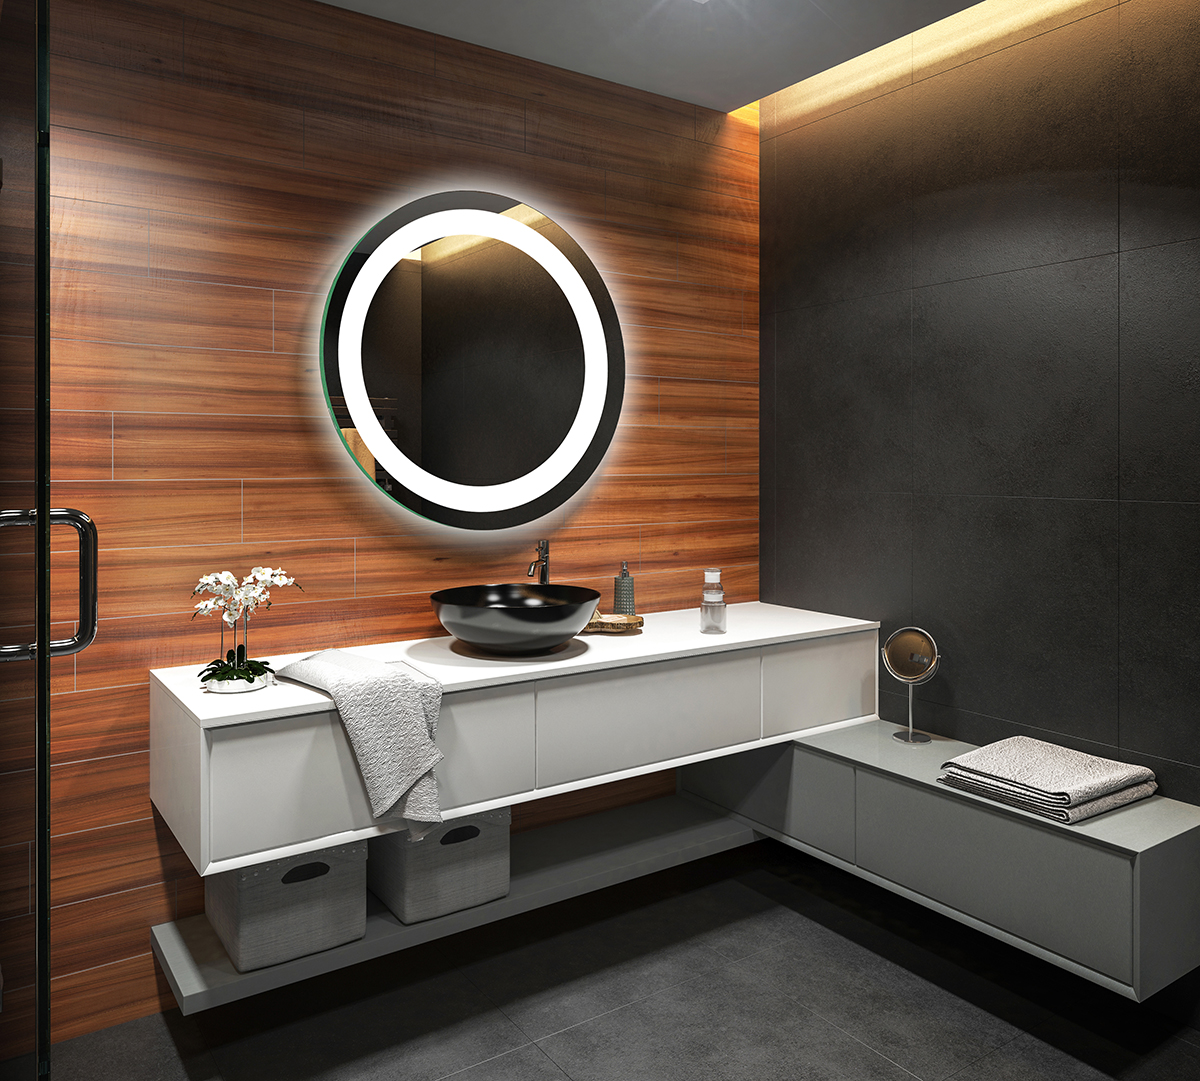 rund badspiegel led beleuchtung wandspiegel badezimmerspiegel lichtspiegel l33 ebay. Black Bedroom Furniture Sets. Home Design Ideas